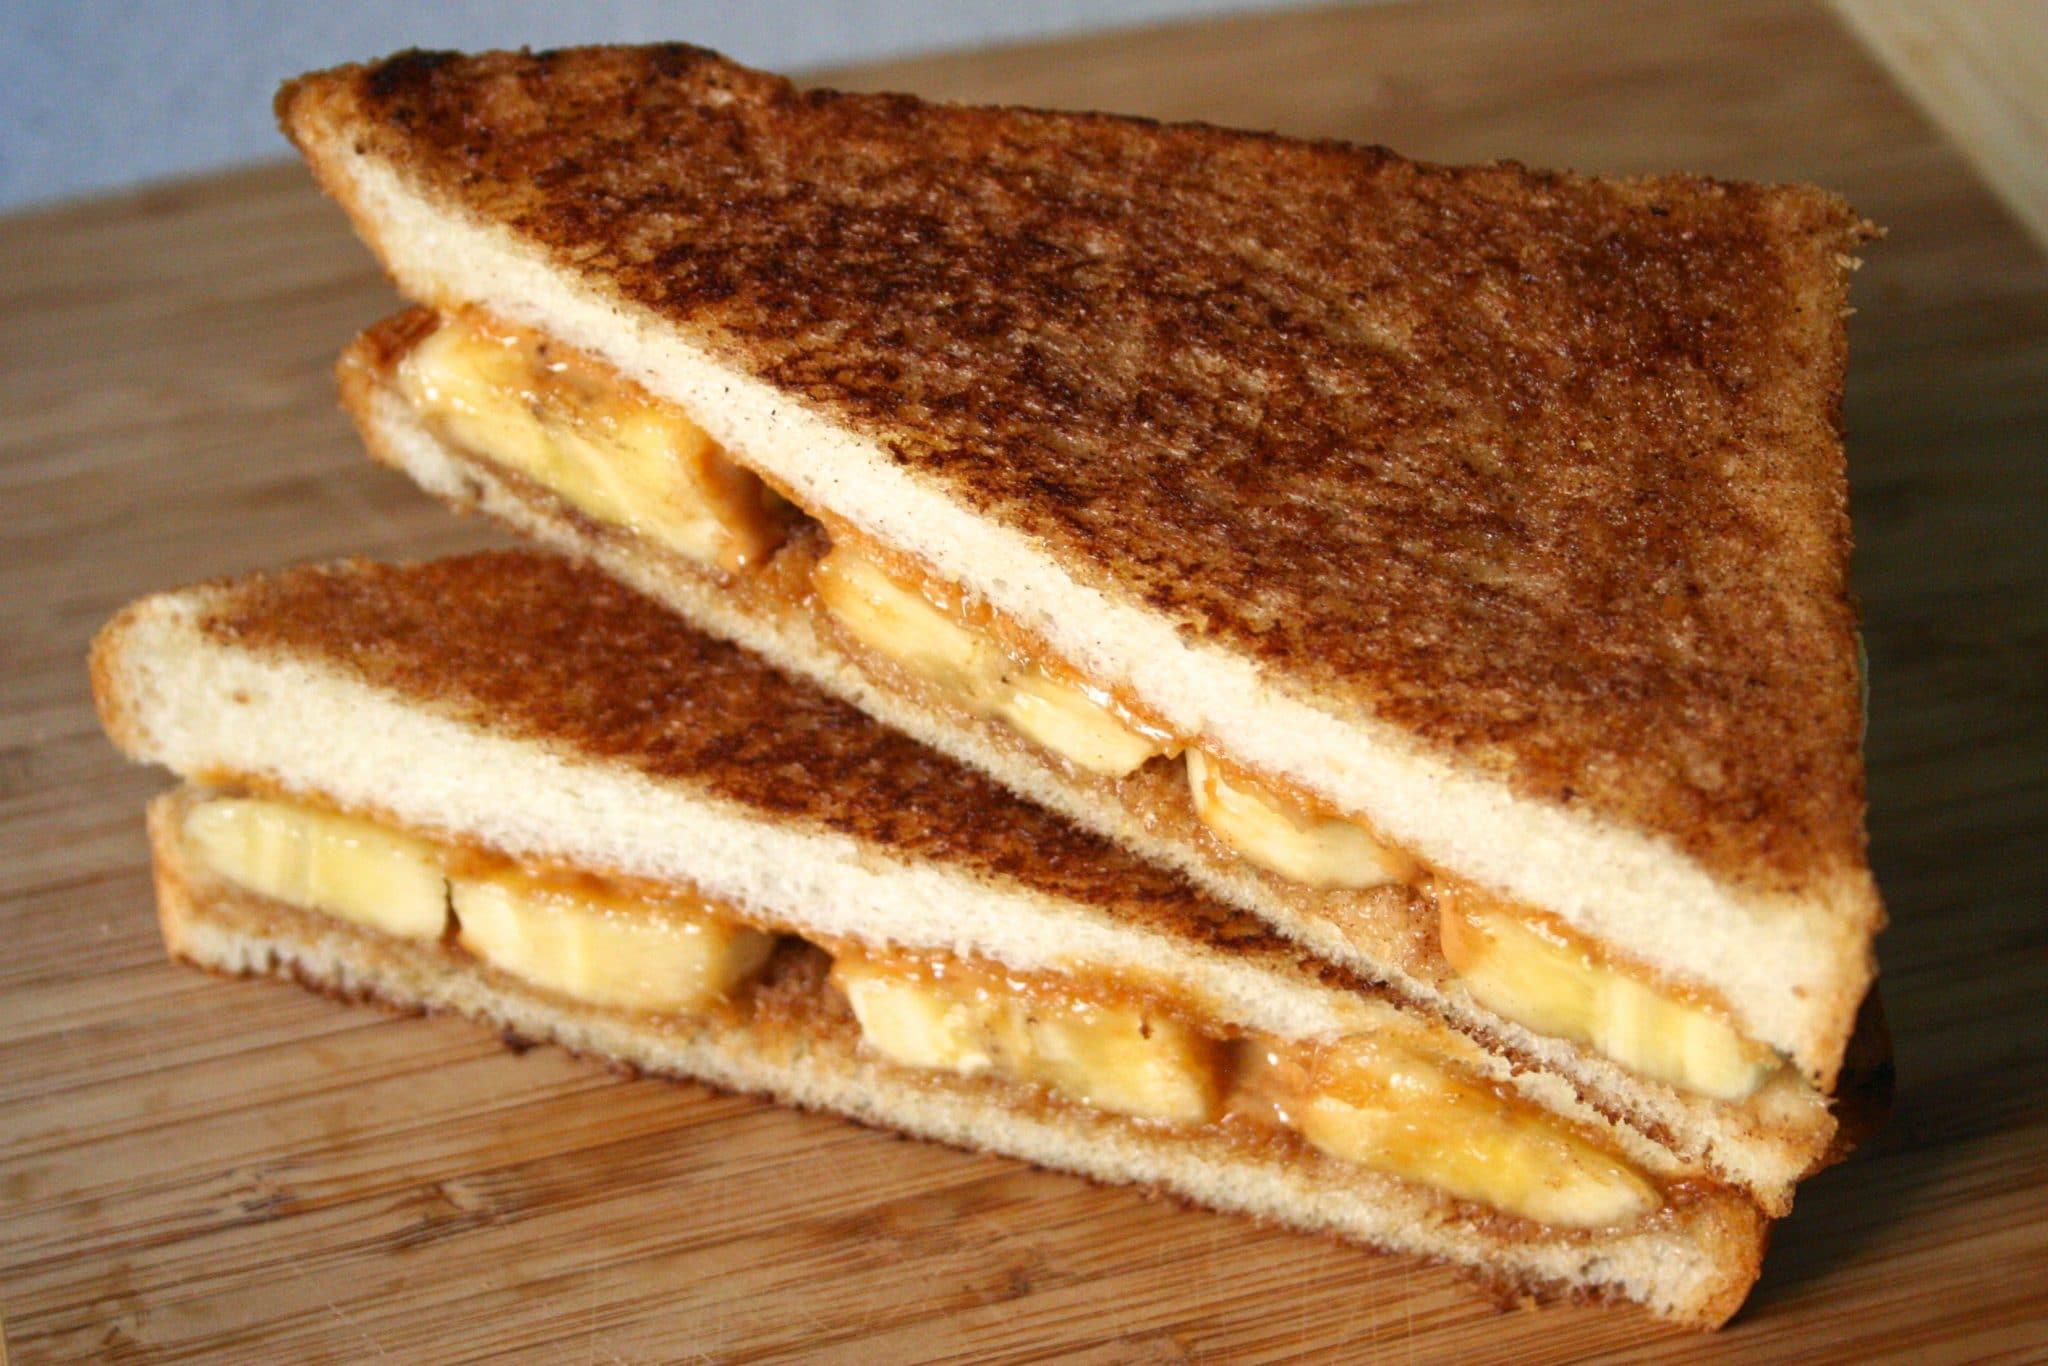 Peanut Butter Banana Sandwich